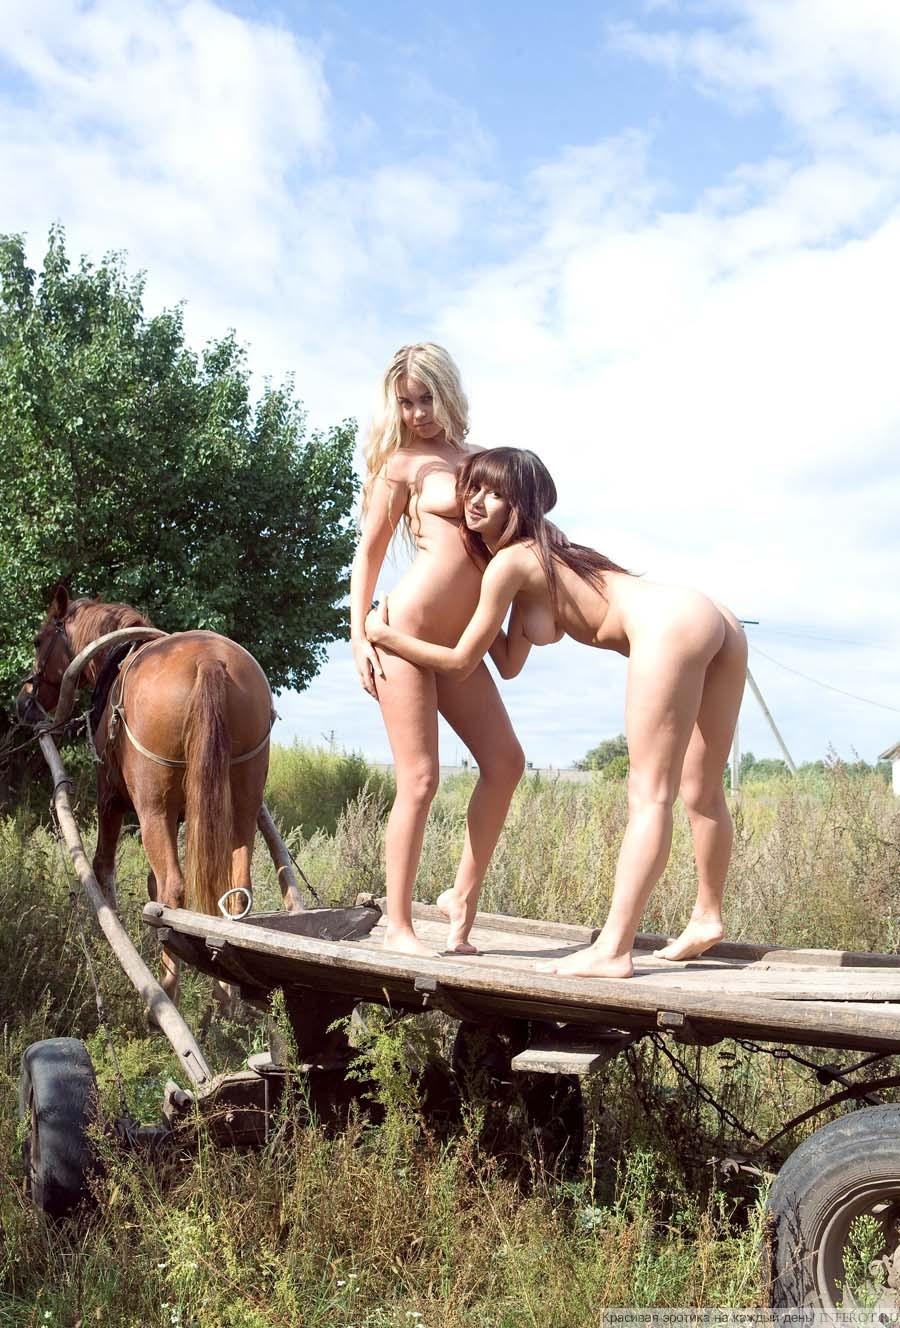 Деревенские девчонки (20 фото)